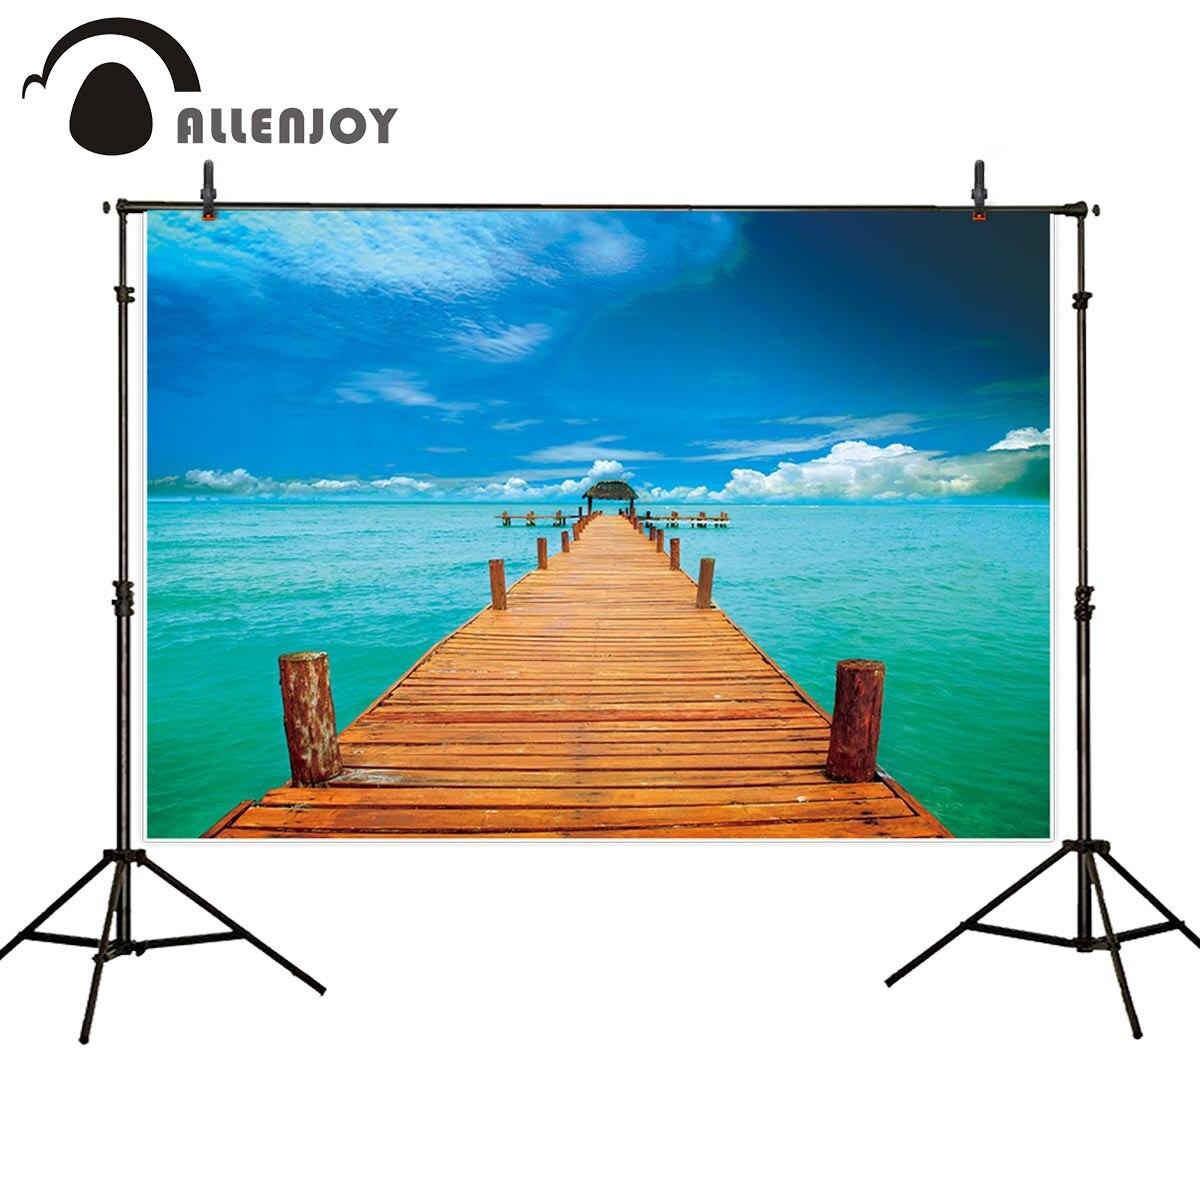 Fondo Allenjoy para vacaciones fotográficas de verano puente de madera cielo azul nubes fotografía fondo fotográfico para foto